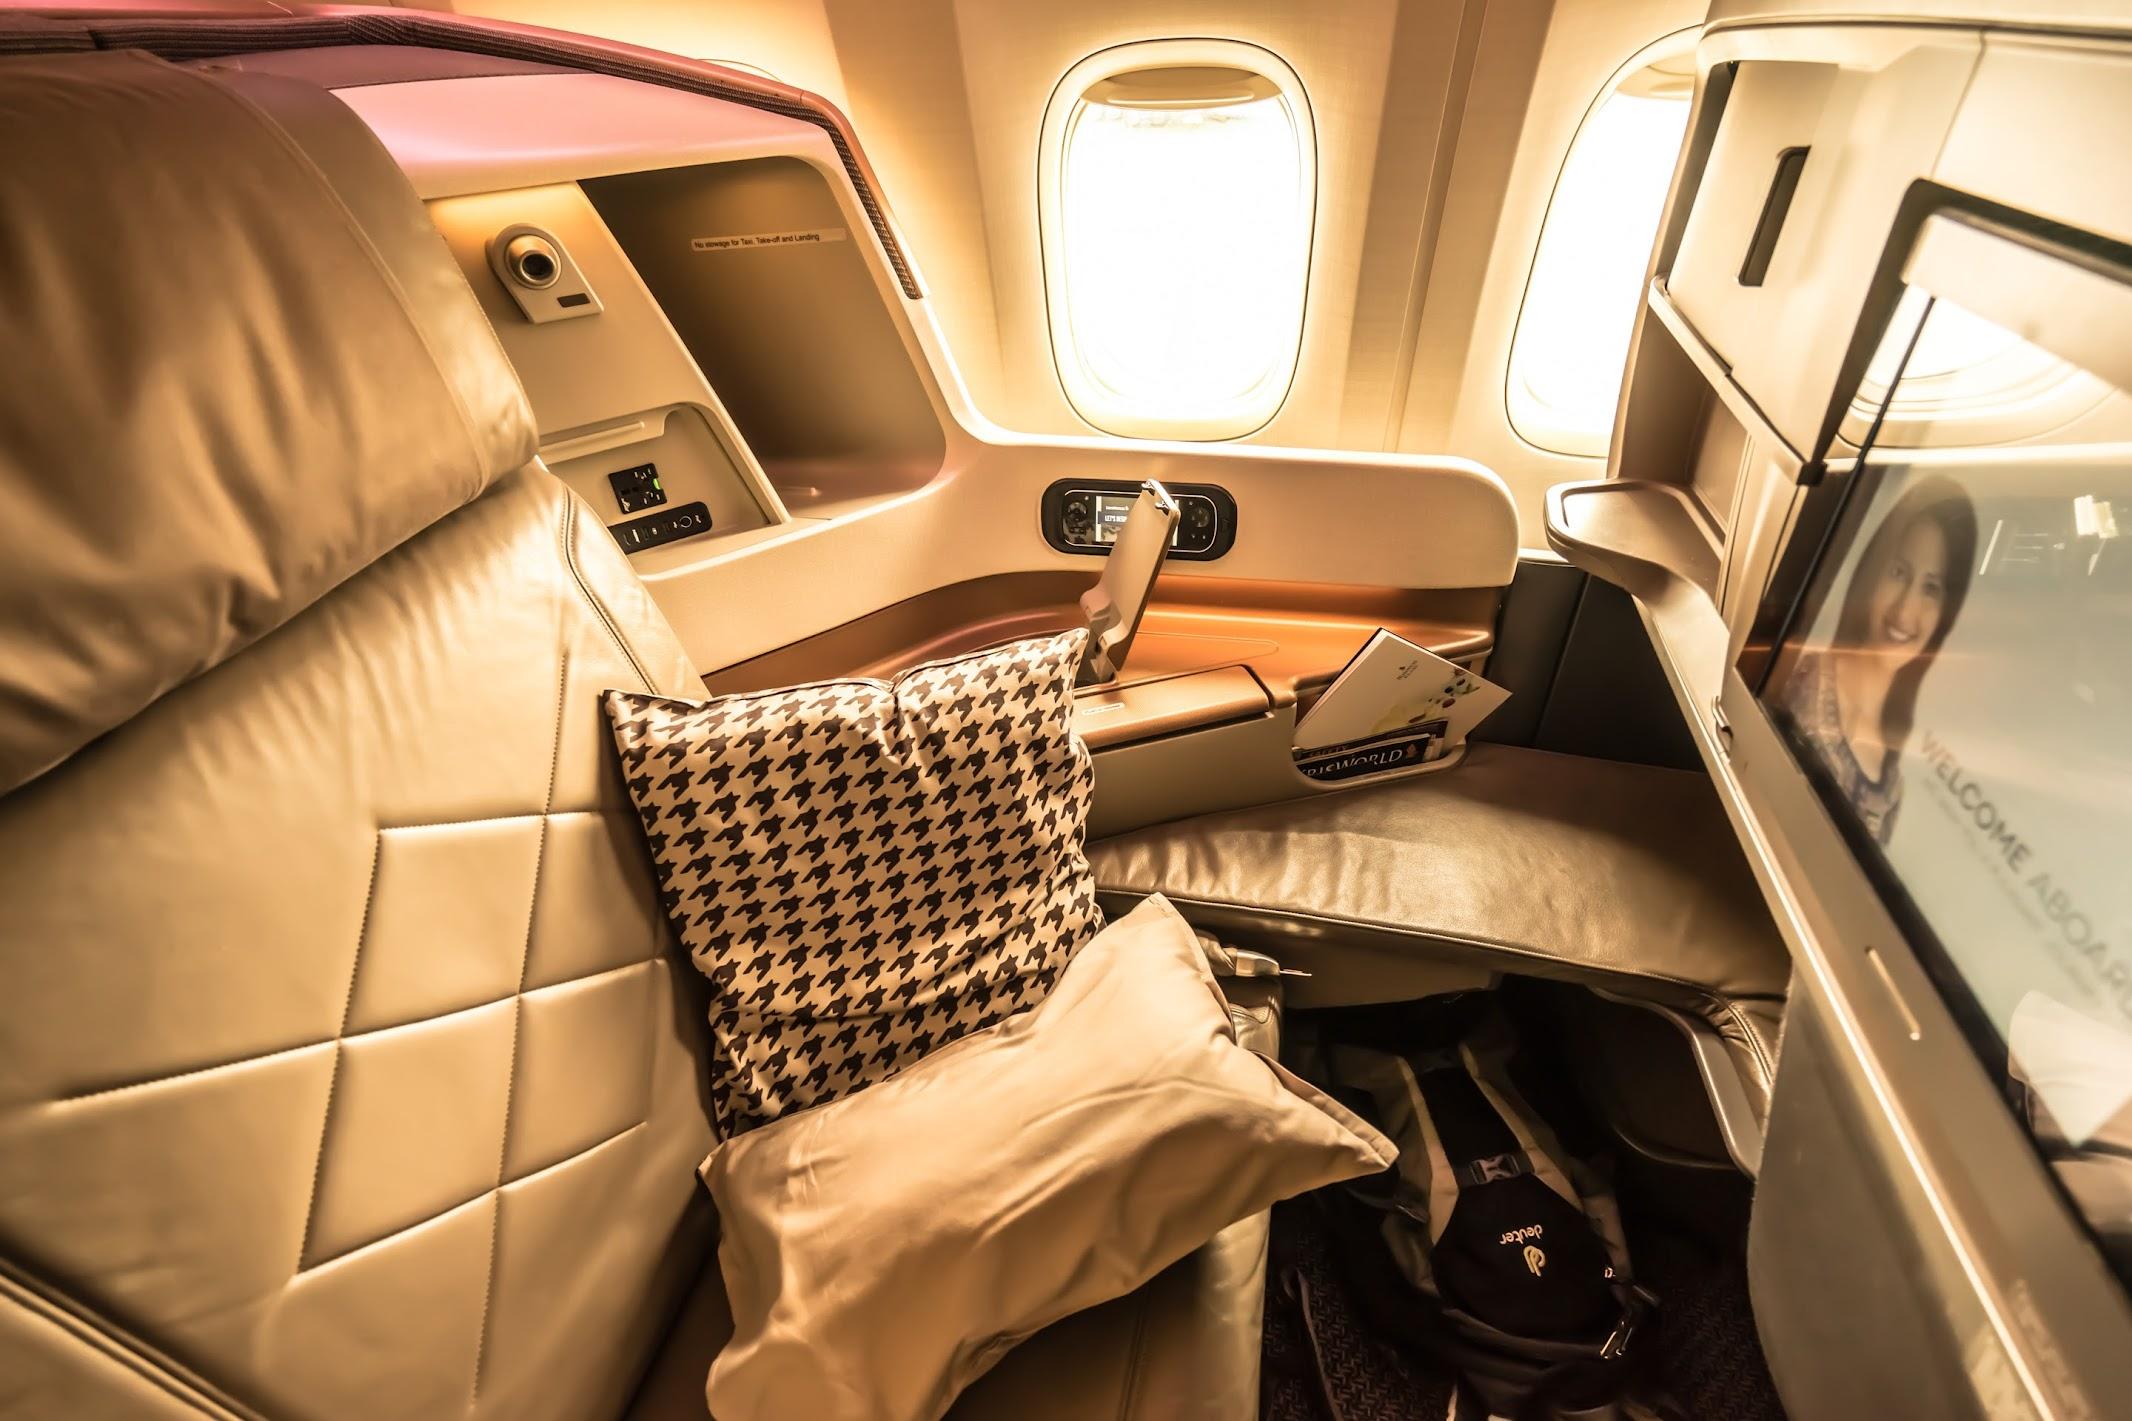 シンガポール航空 777-300ER ビジネスクラス1